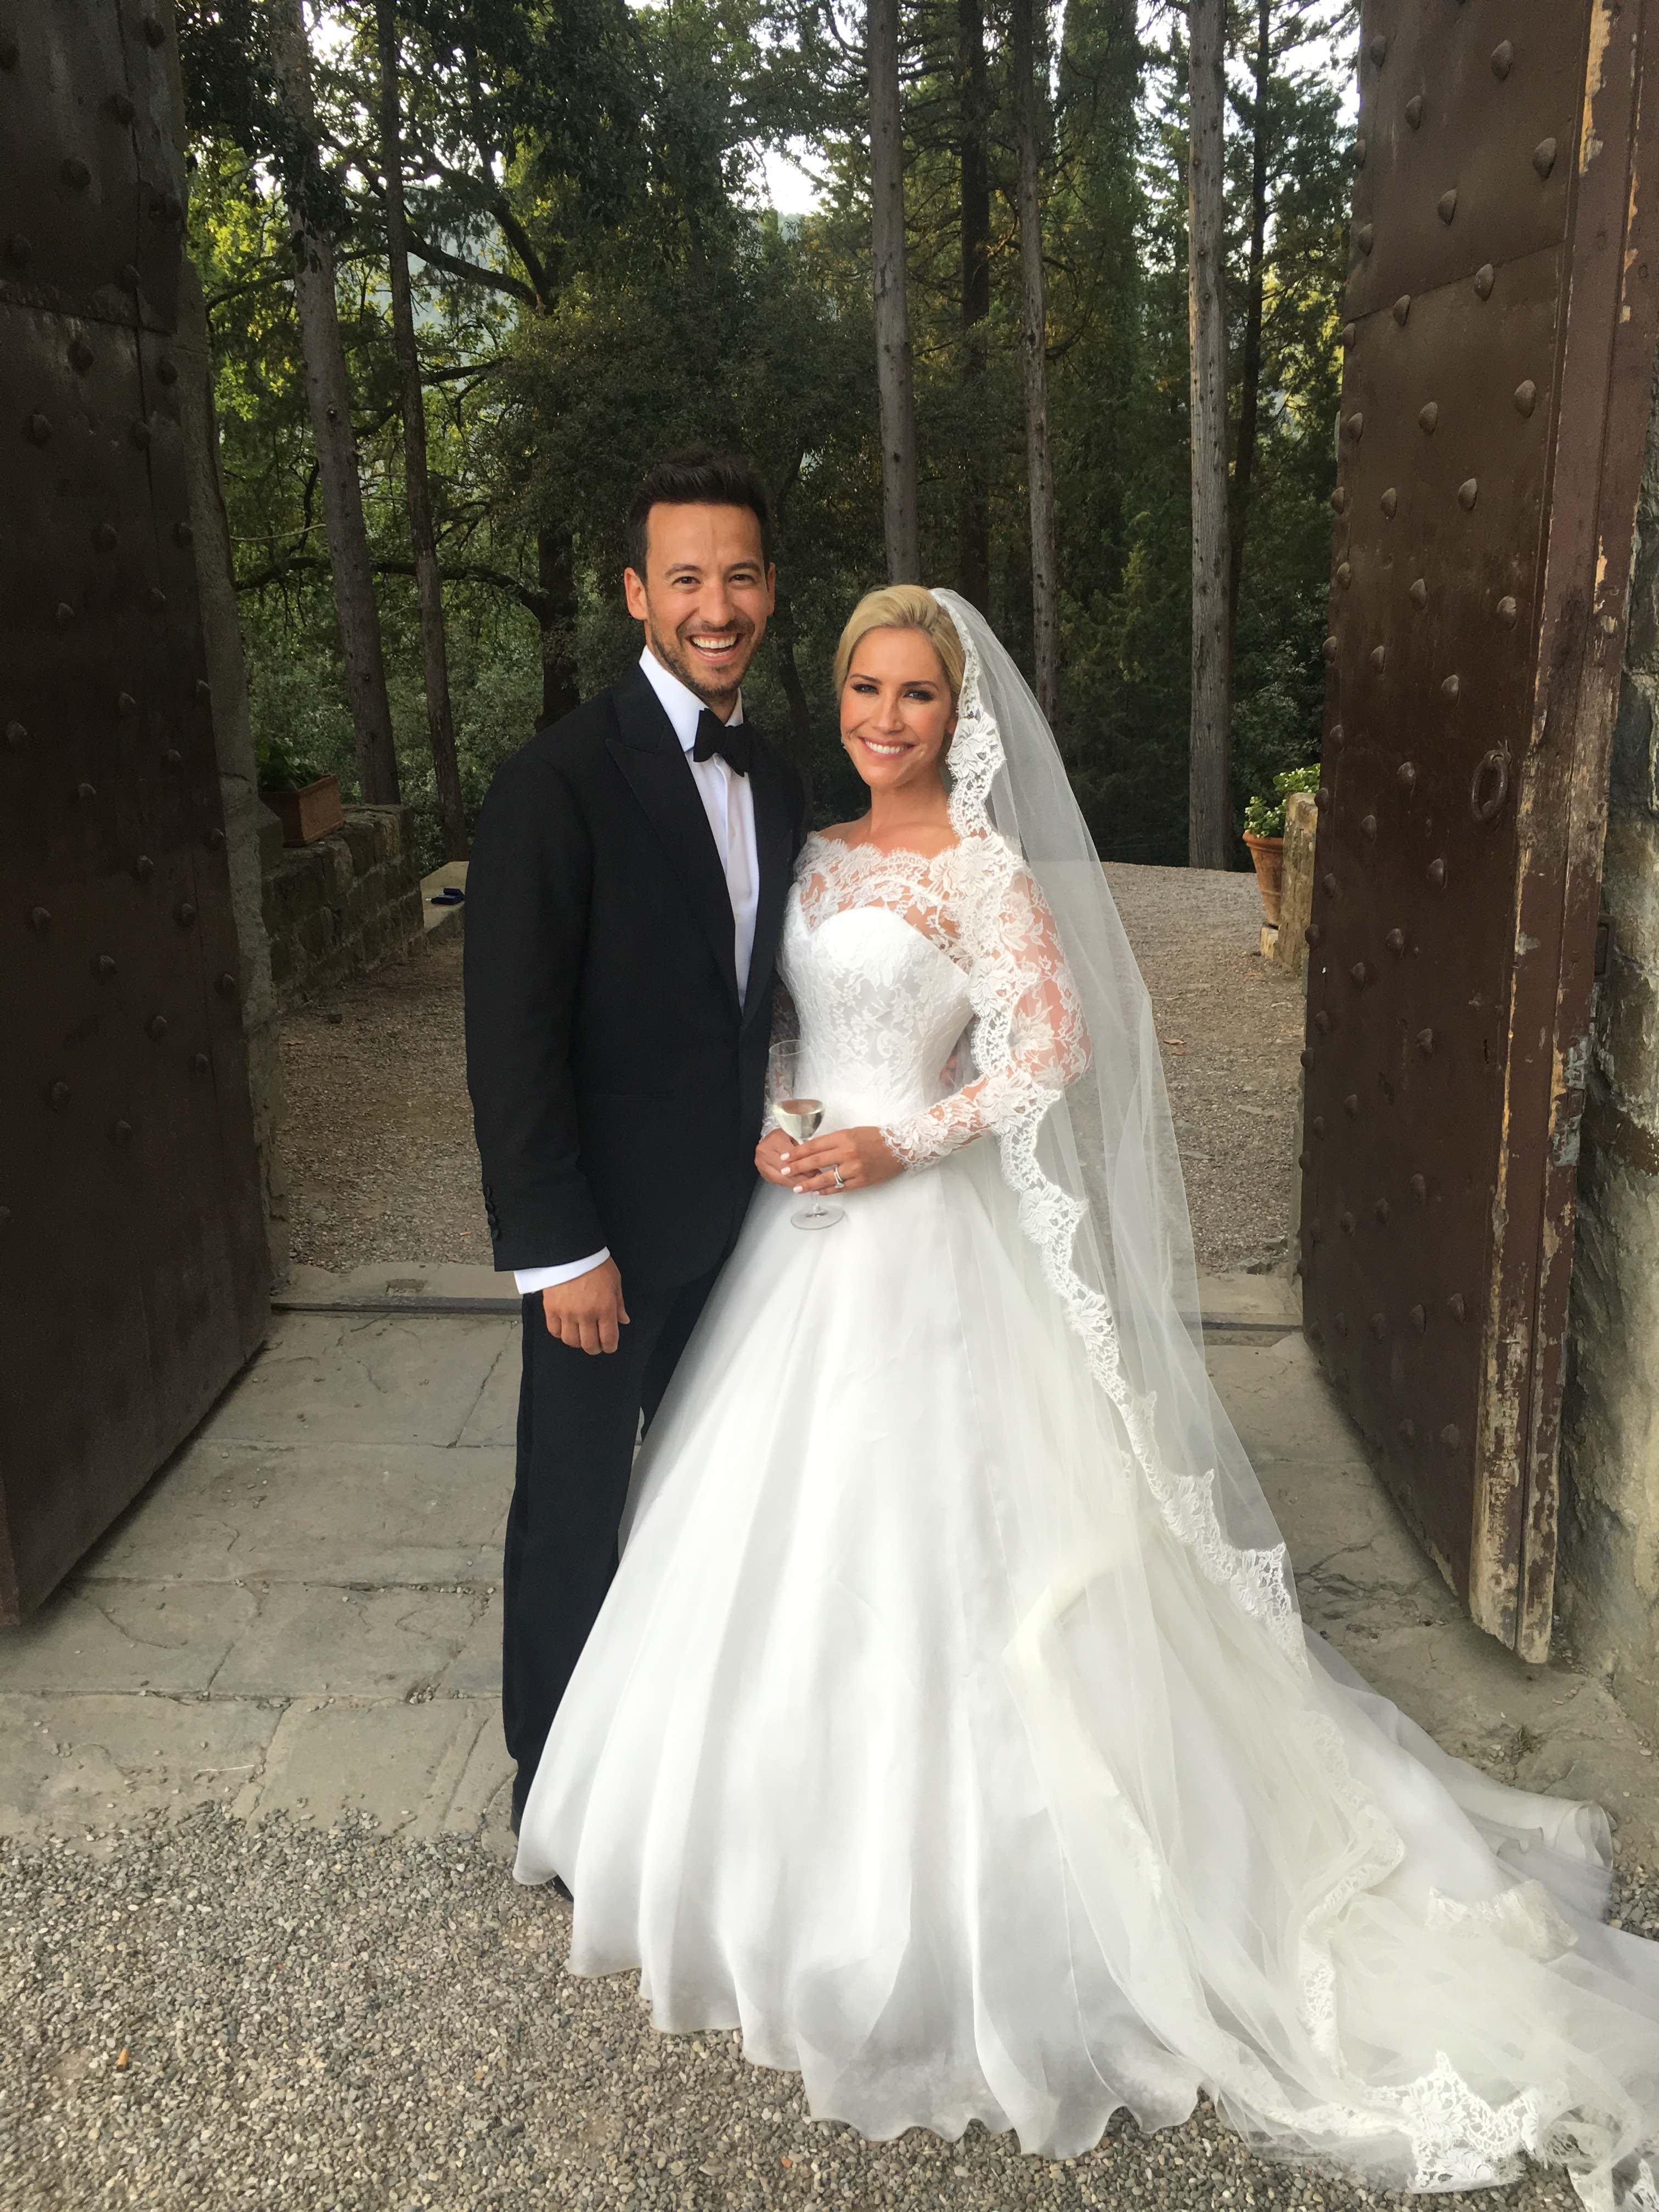 heidi-range-suzanne-neville-wedding-gown-2-copy